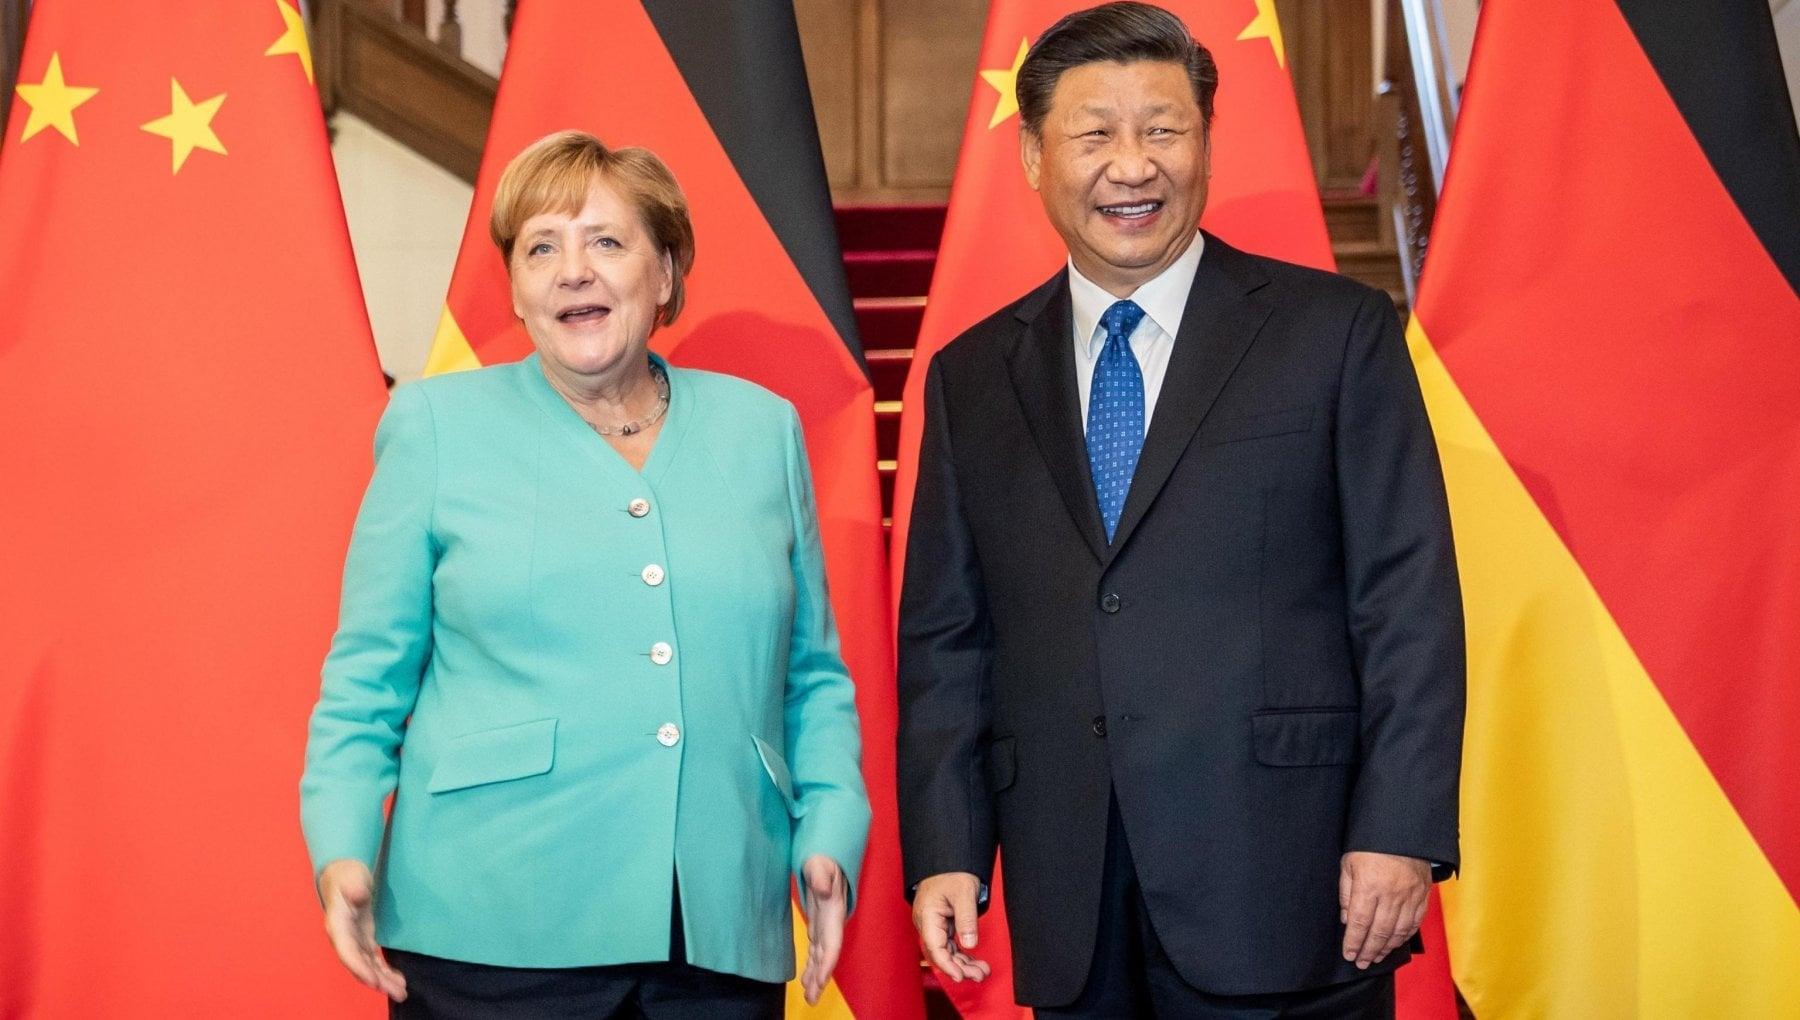 Bà Merkel rời chính trường: Quan hệ kinh tế Đức - Trung Quốc có chuyển hướng? - Ảnh 1.